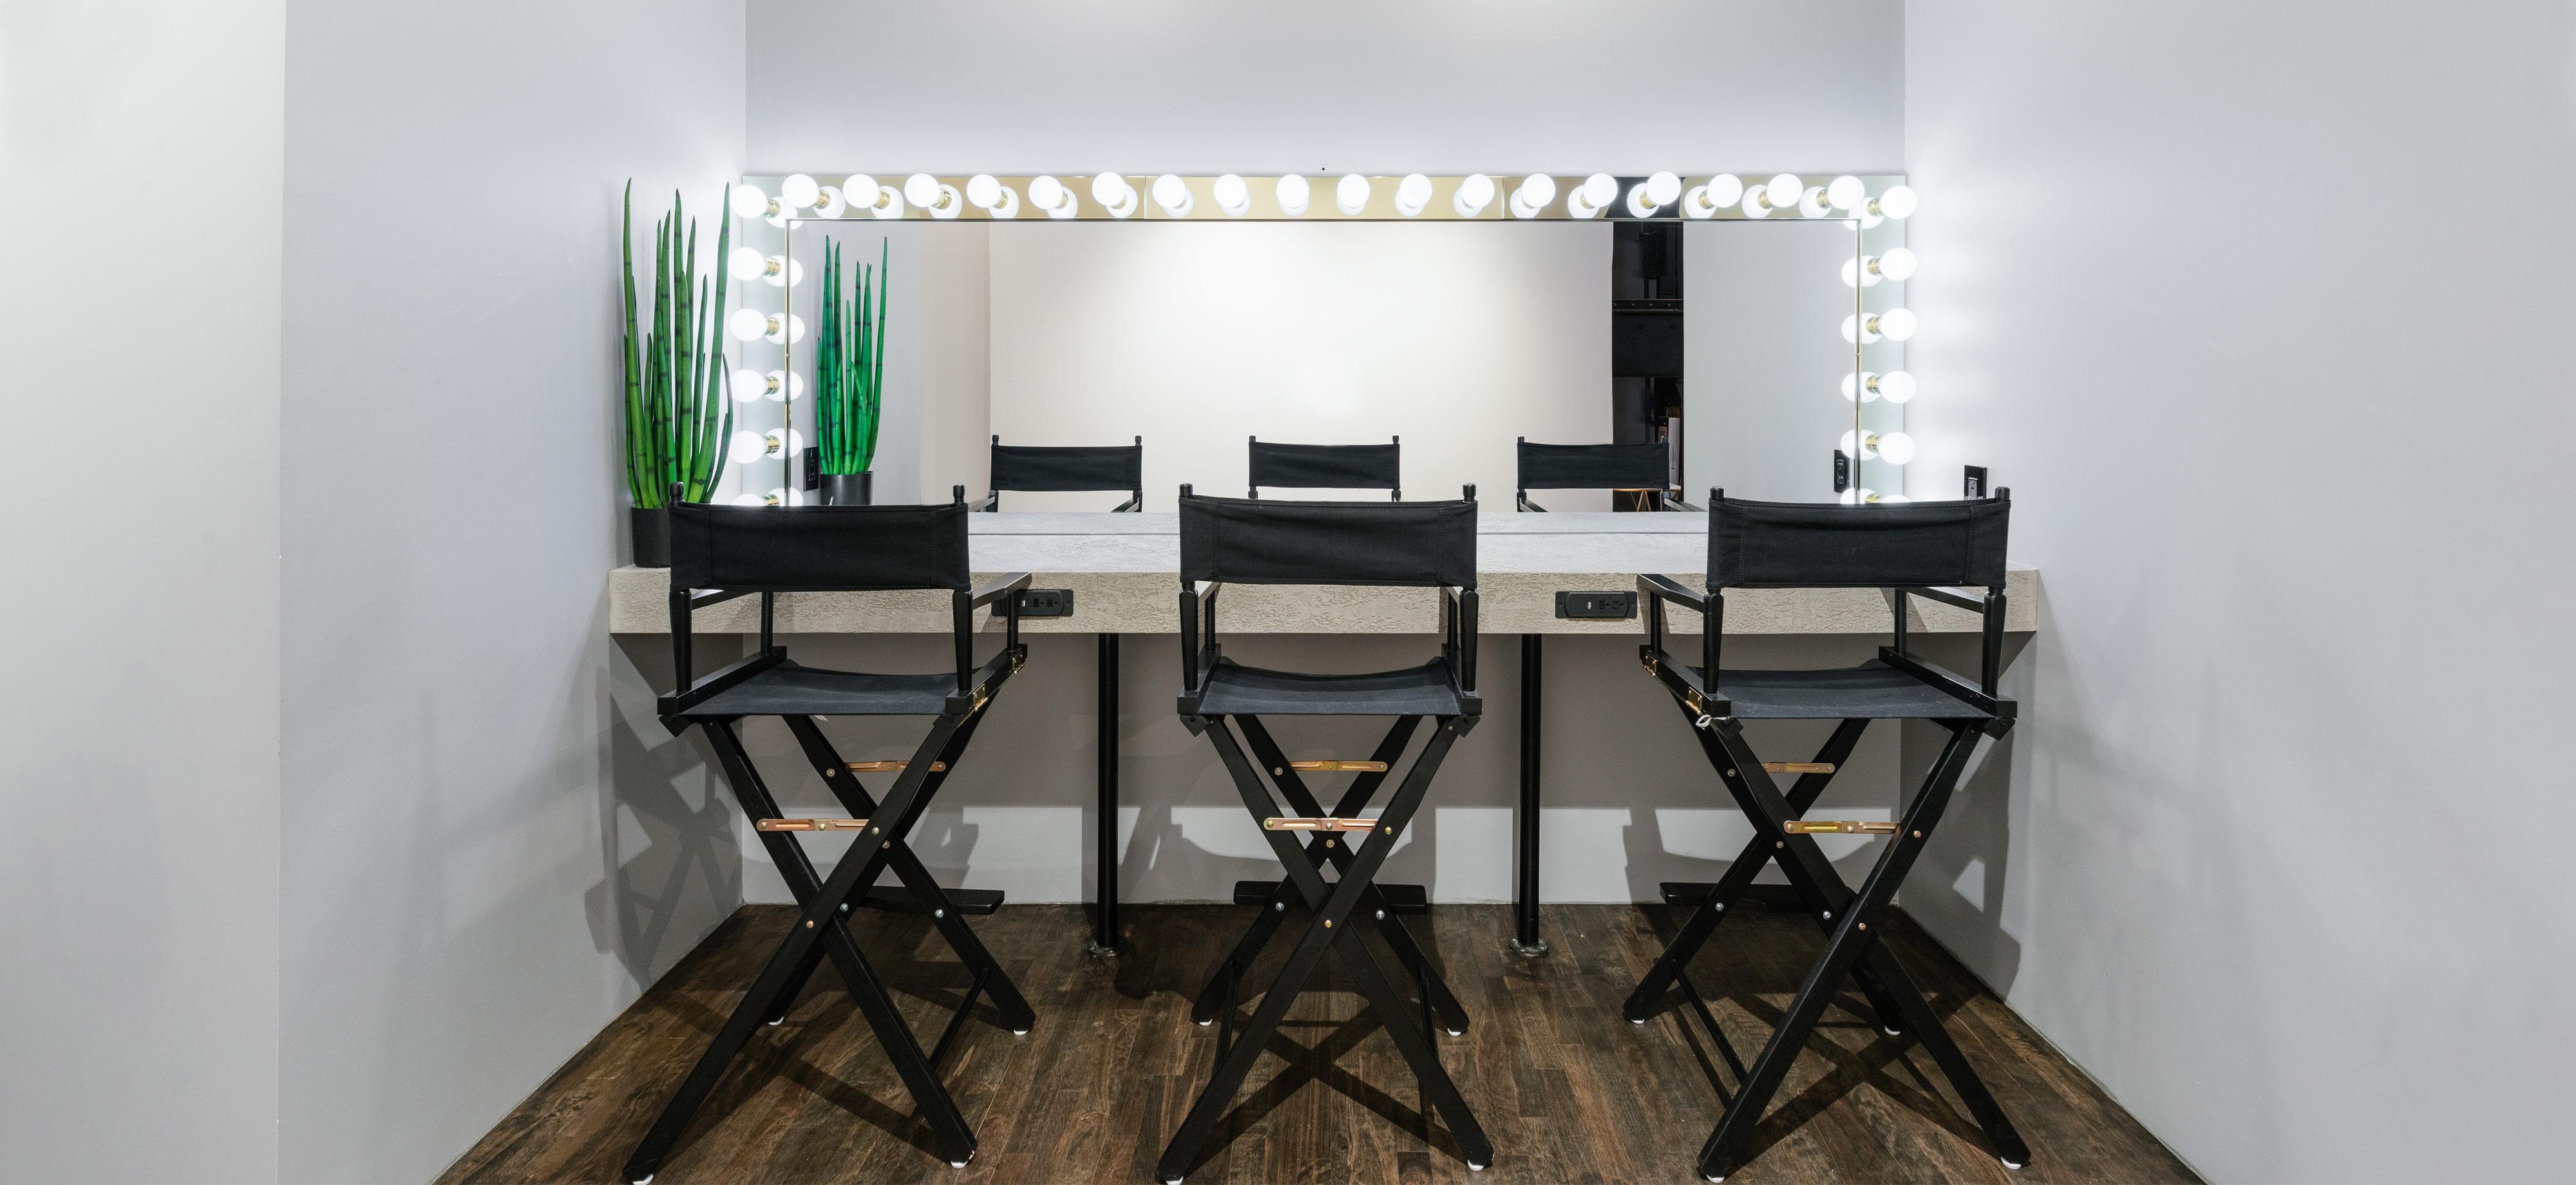 Makeup tables at Preto loft